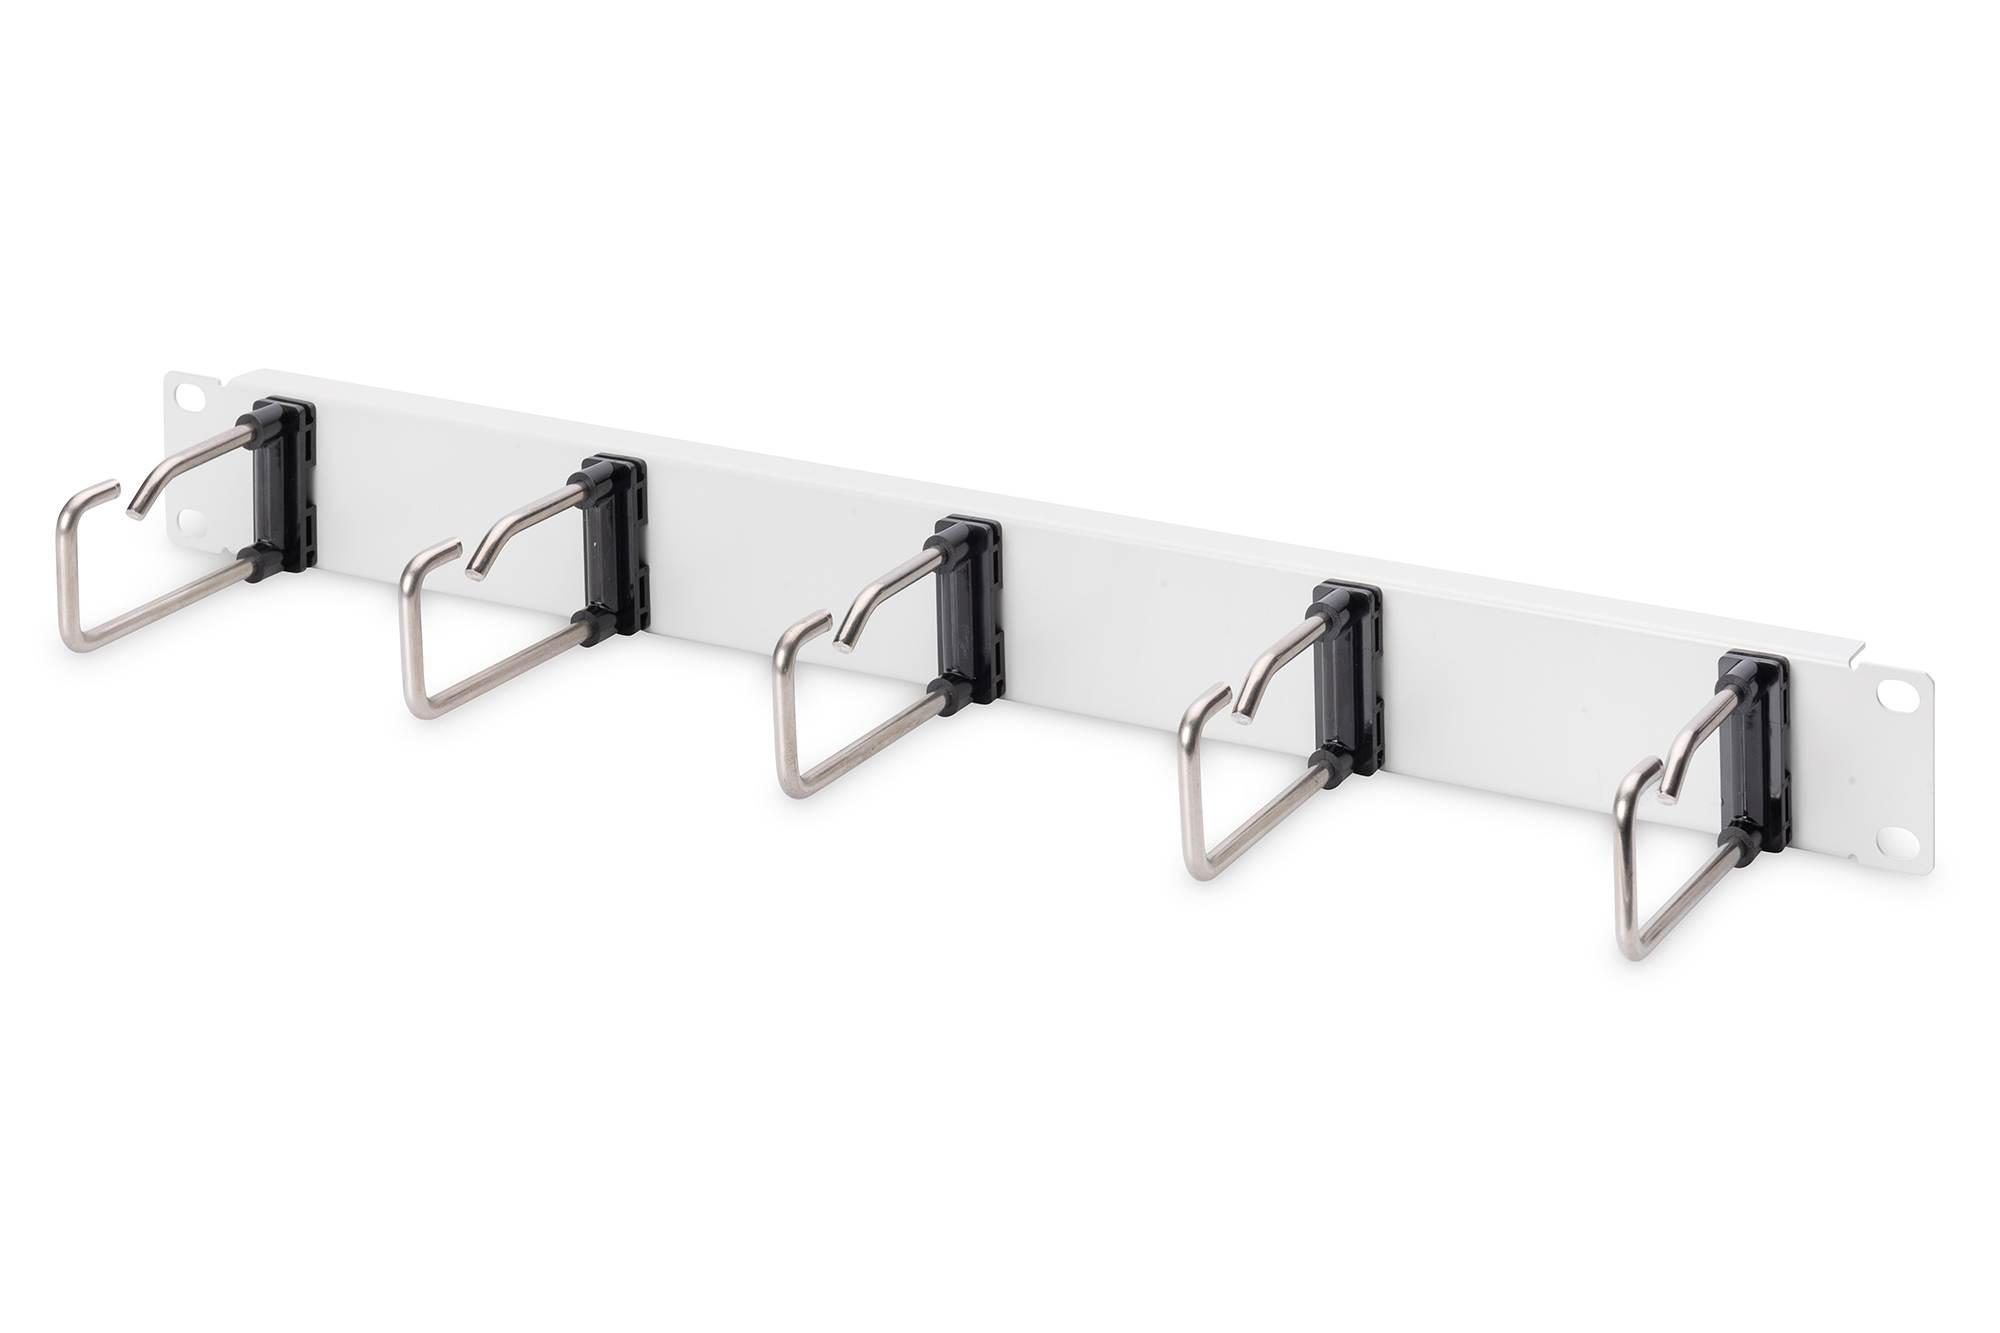 Digitus 1U kabelový spravovací panel 5x ocelové kroužky 40x75 mm, šedé (RAL 7035)